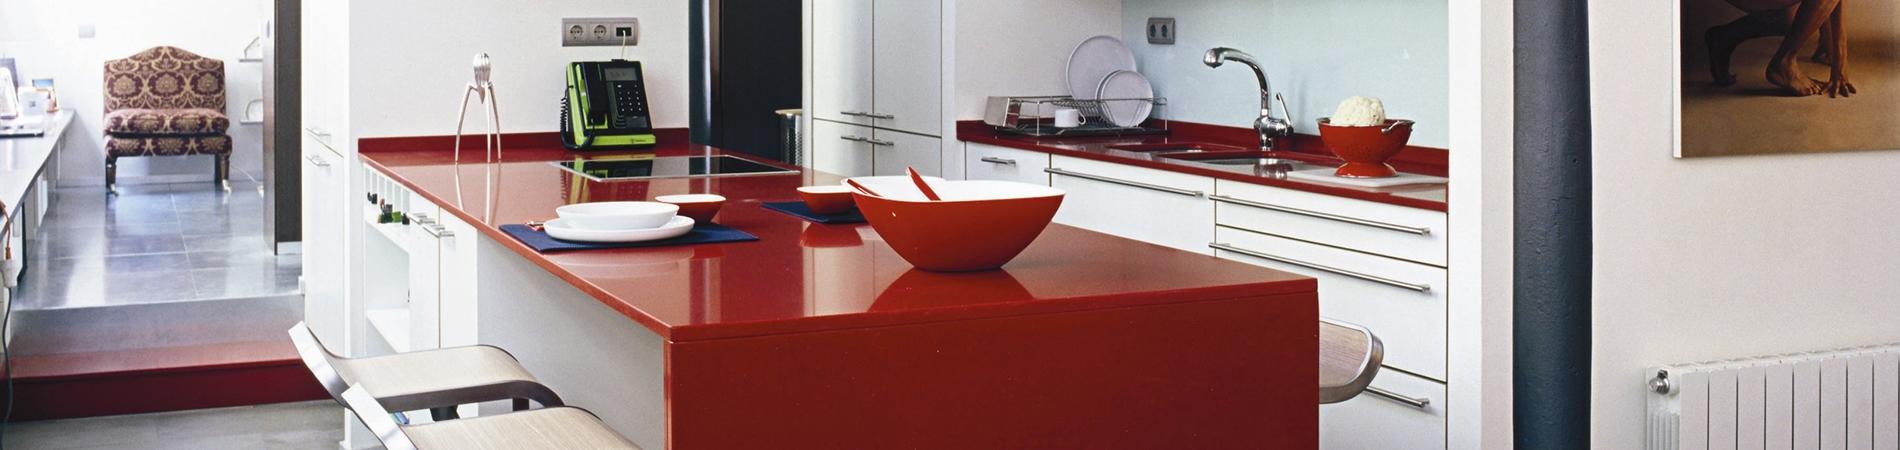 Moderne Kuchenarbeitsplatten Besonders Moderne Kuchenarbeitsplatten